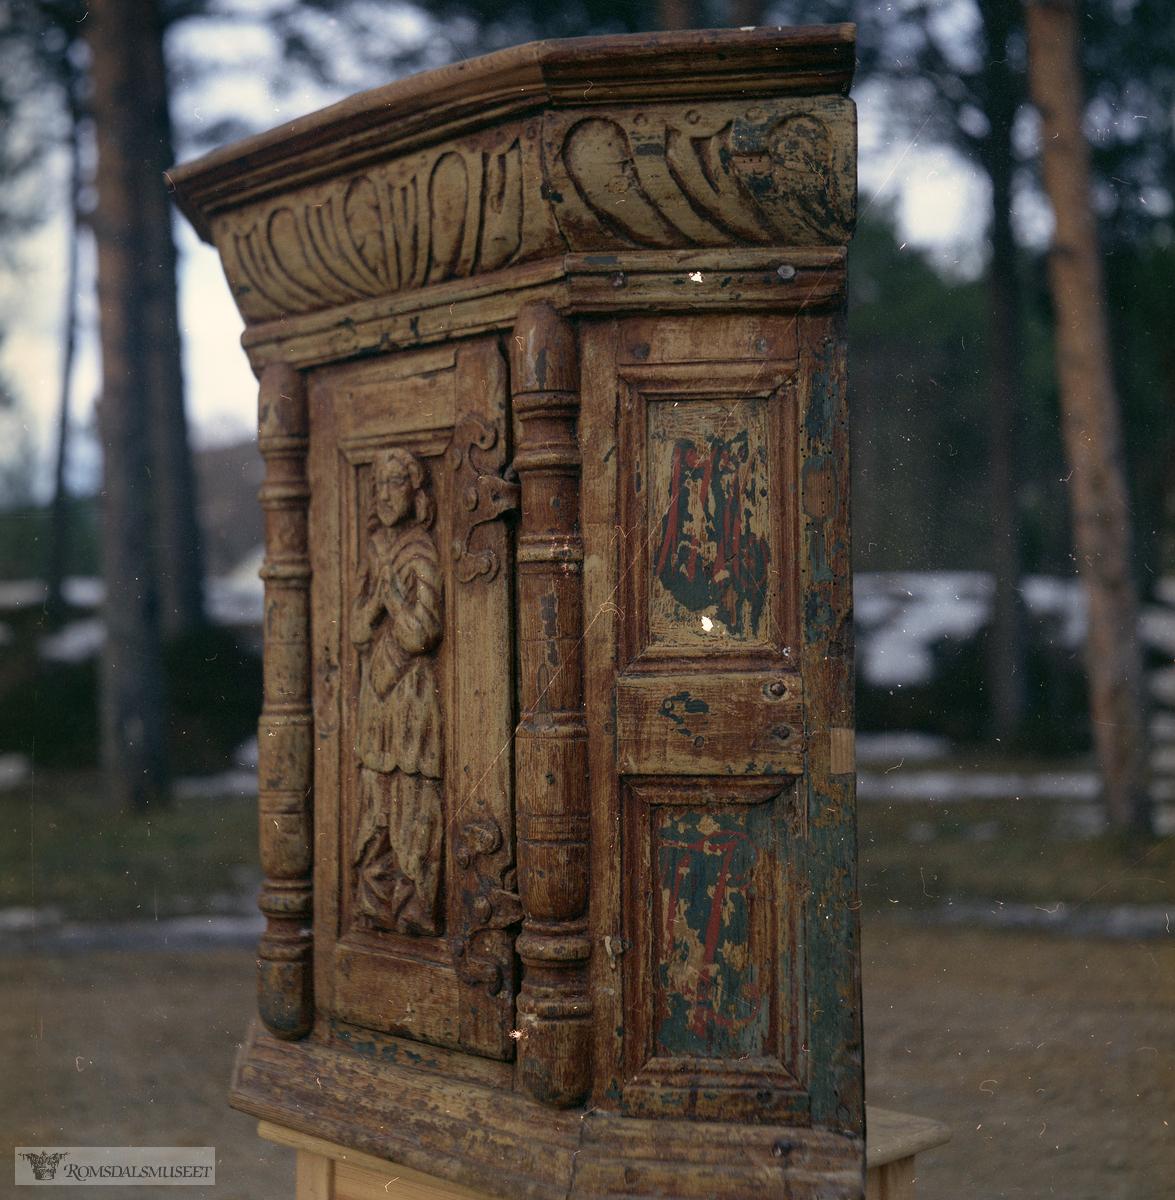 Skap fra Monsås i Rauma. (R.02397).Det hadde påmalt årstallet 1776, men er trolig eldre. (kan være fra 1600-tallet)